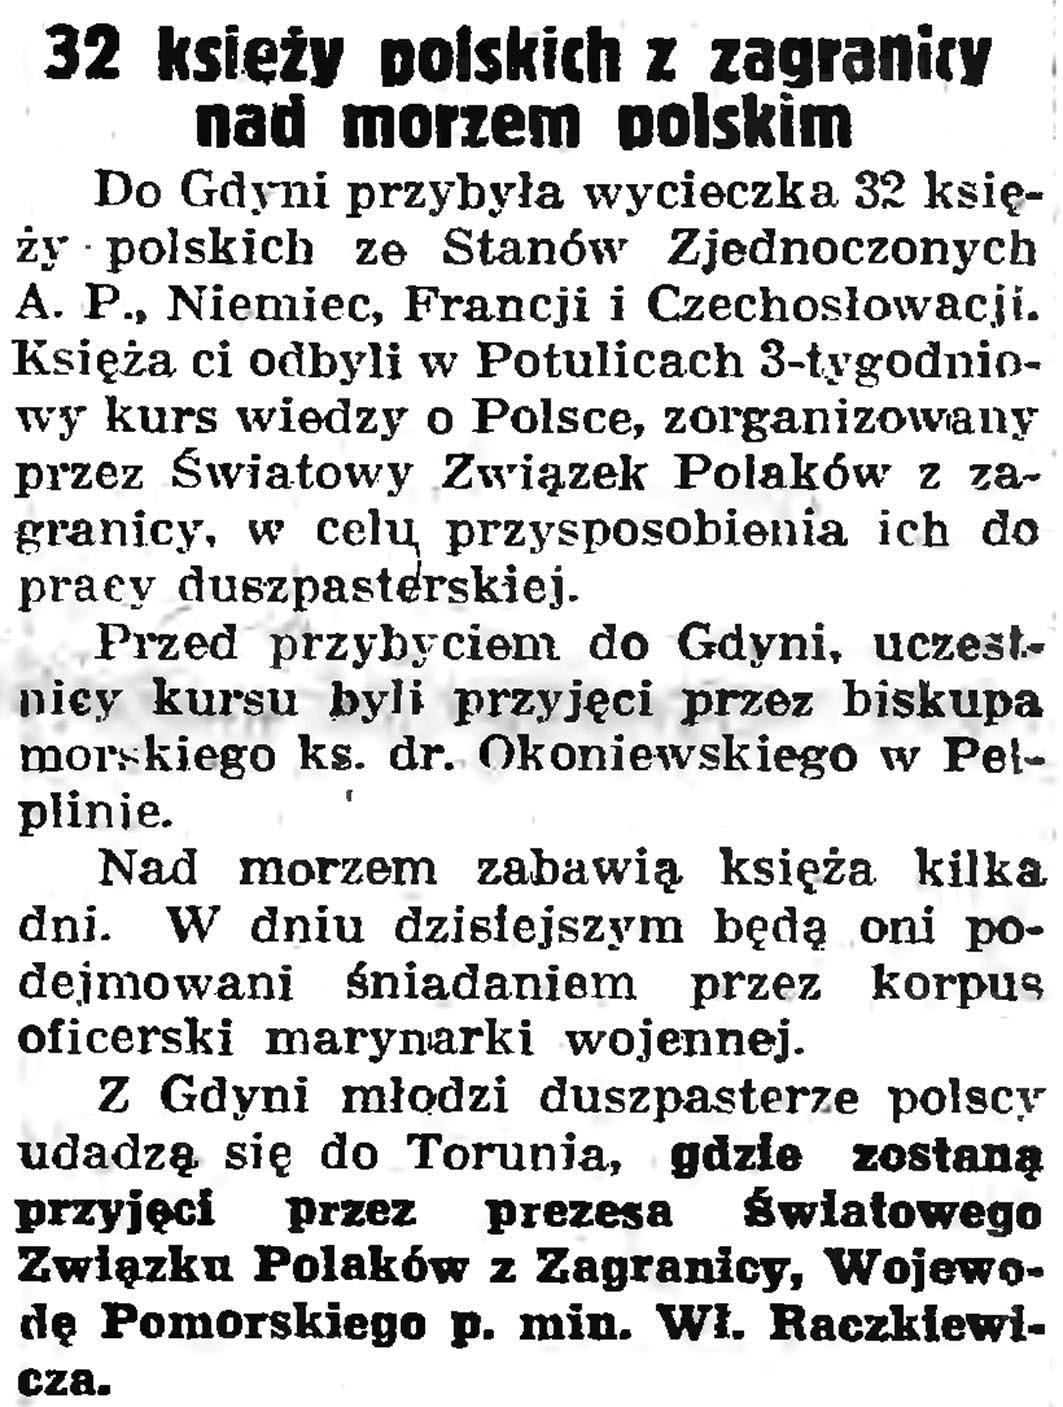 32 księży polskich z zagranicy nad polskim morzem // Gazeta Gdańska. - 1938, nr 191, s. 1